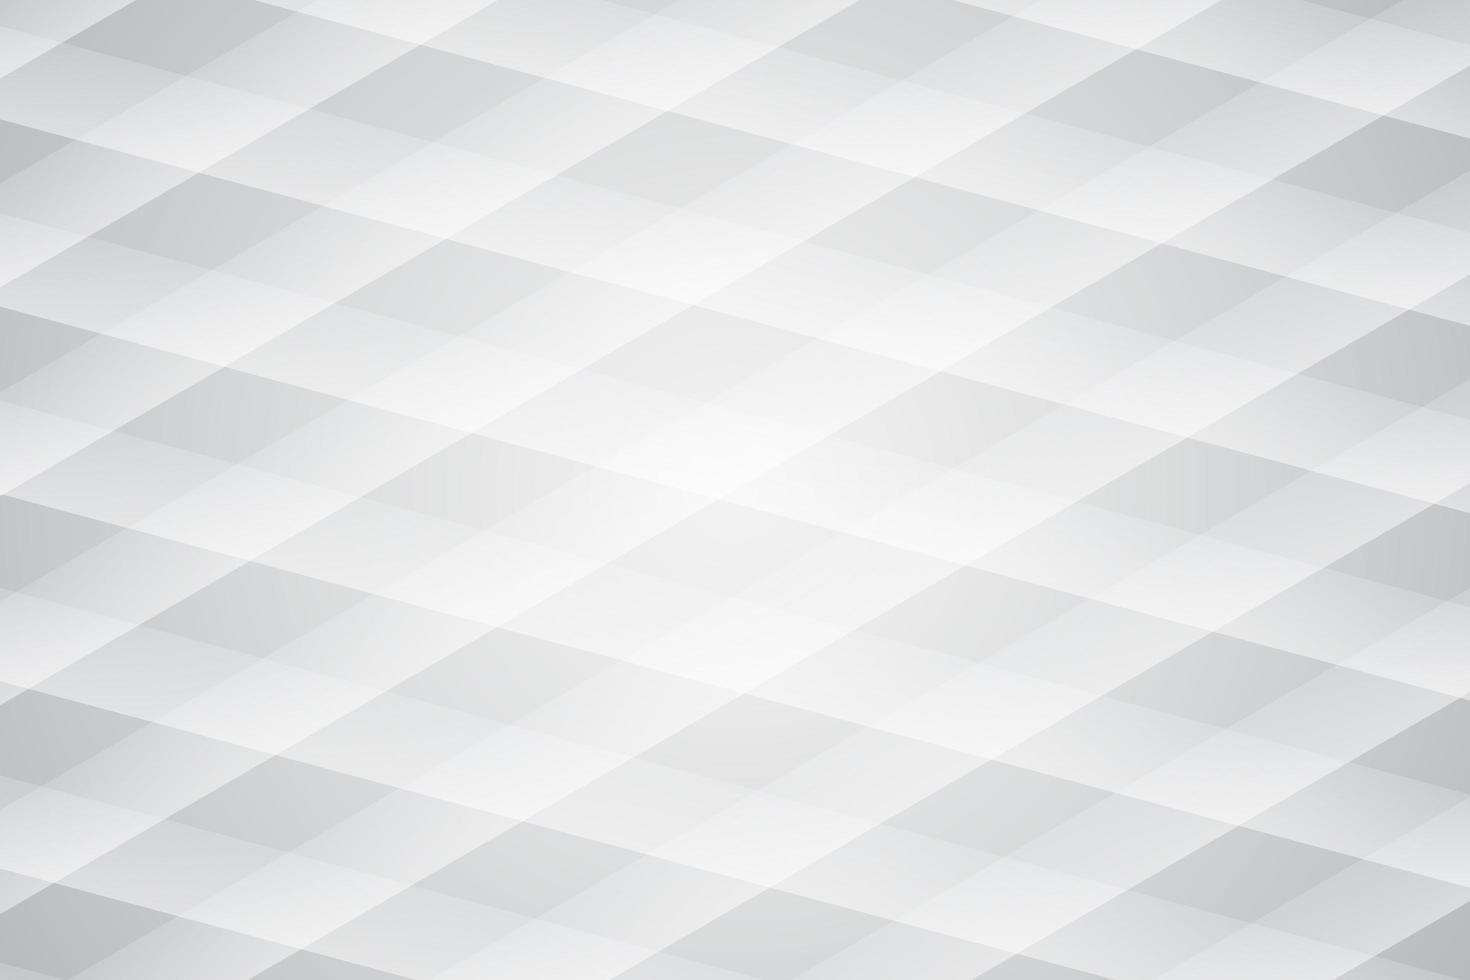 abstrakter weißer moderner nahtloser weißer Hintergrund vektor